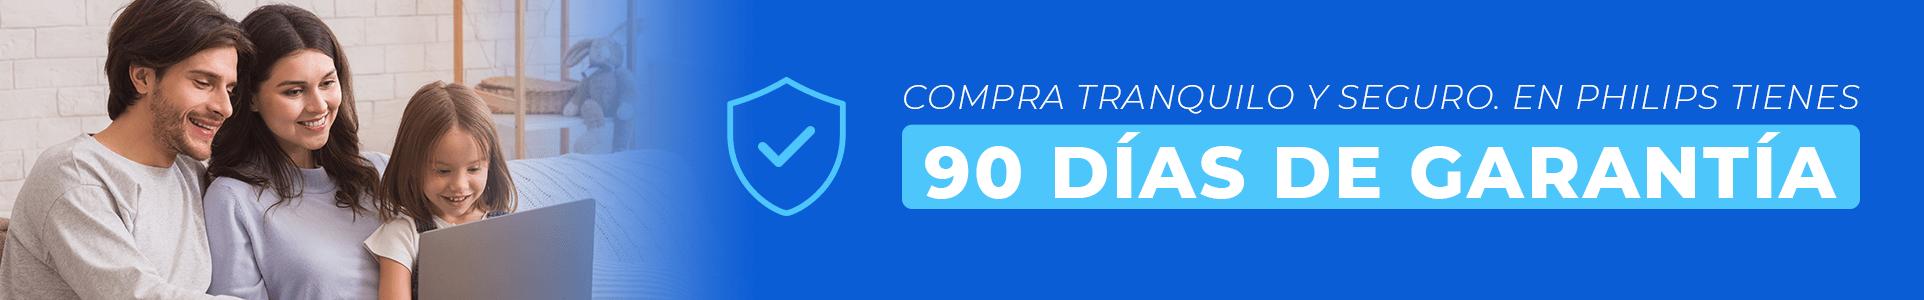 Garantía 90 días Philips